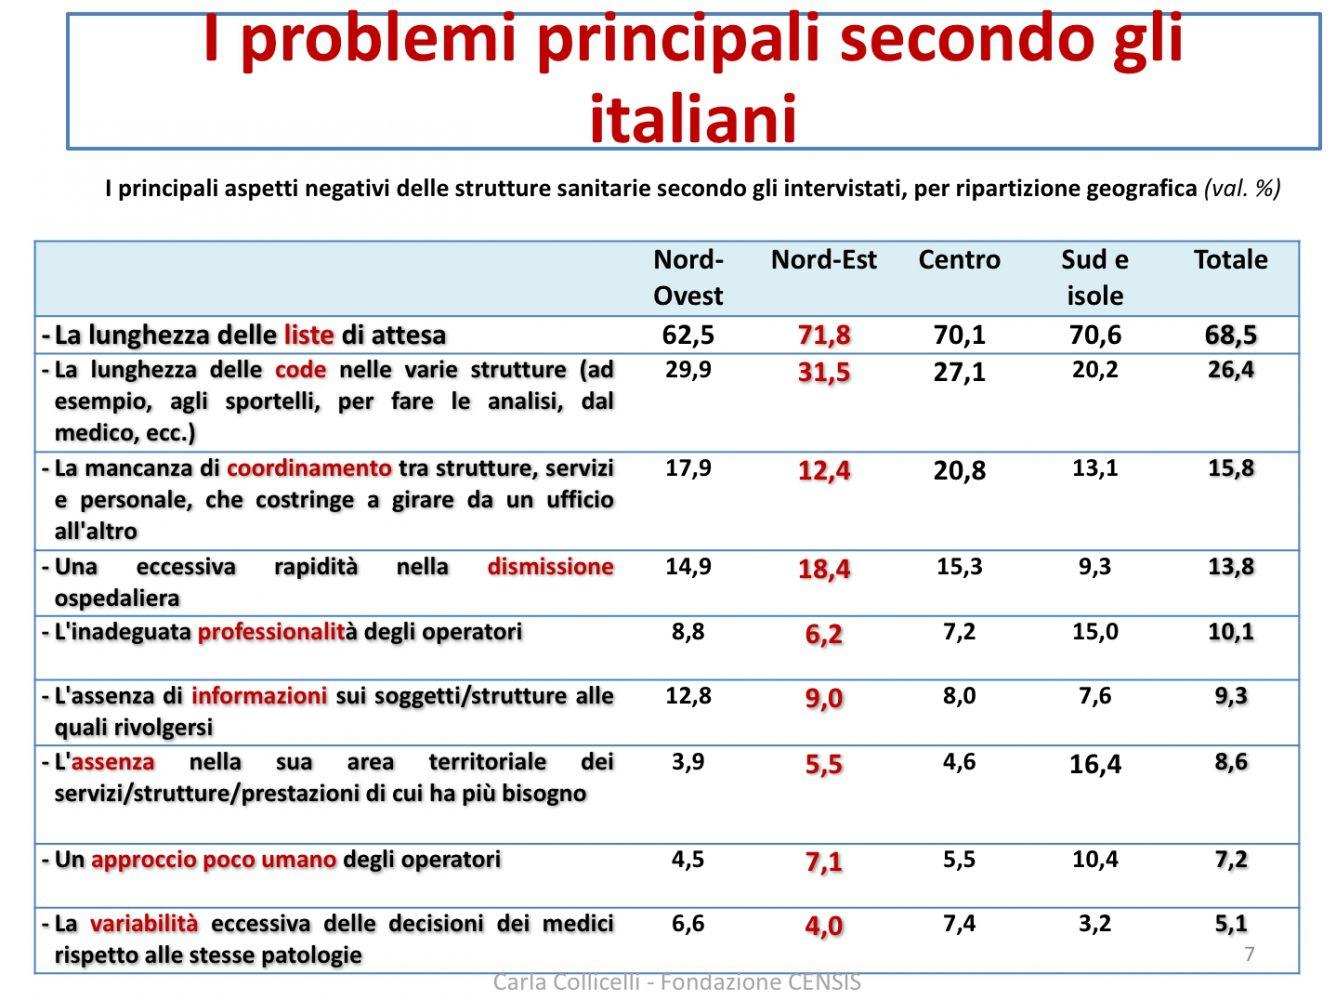 welfare-day-venezia-principali-problemi-per-gli-italiani-imc